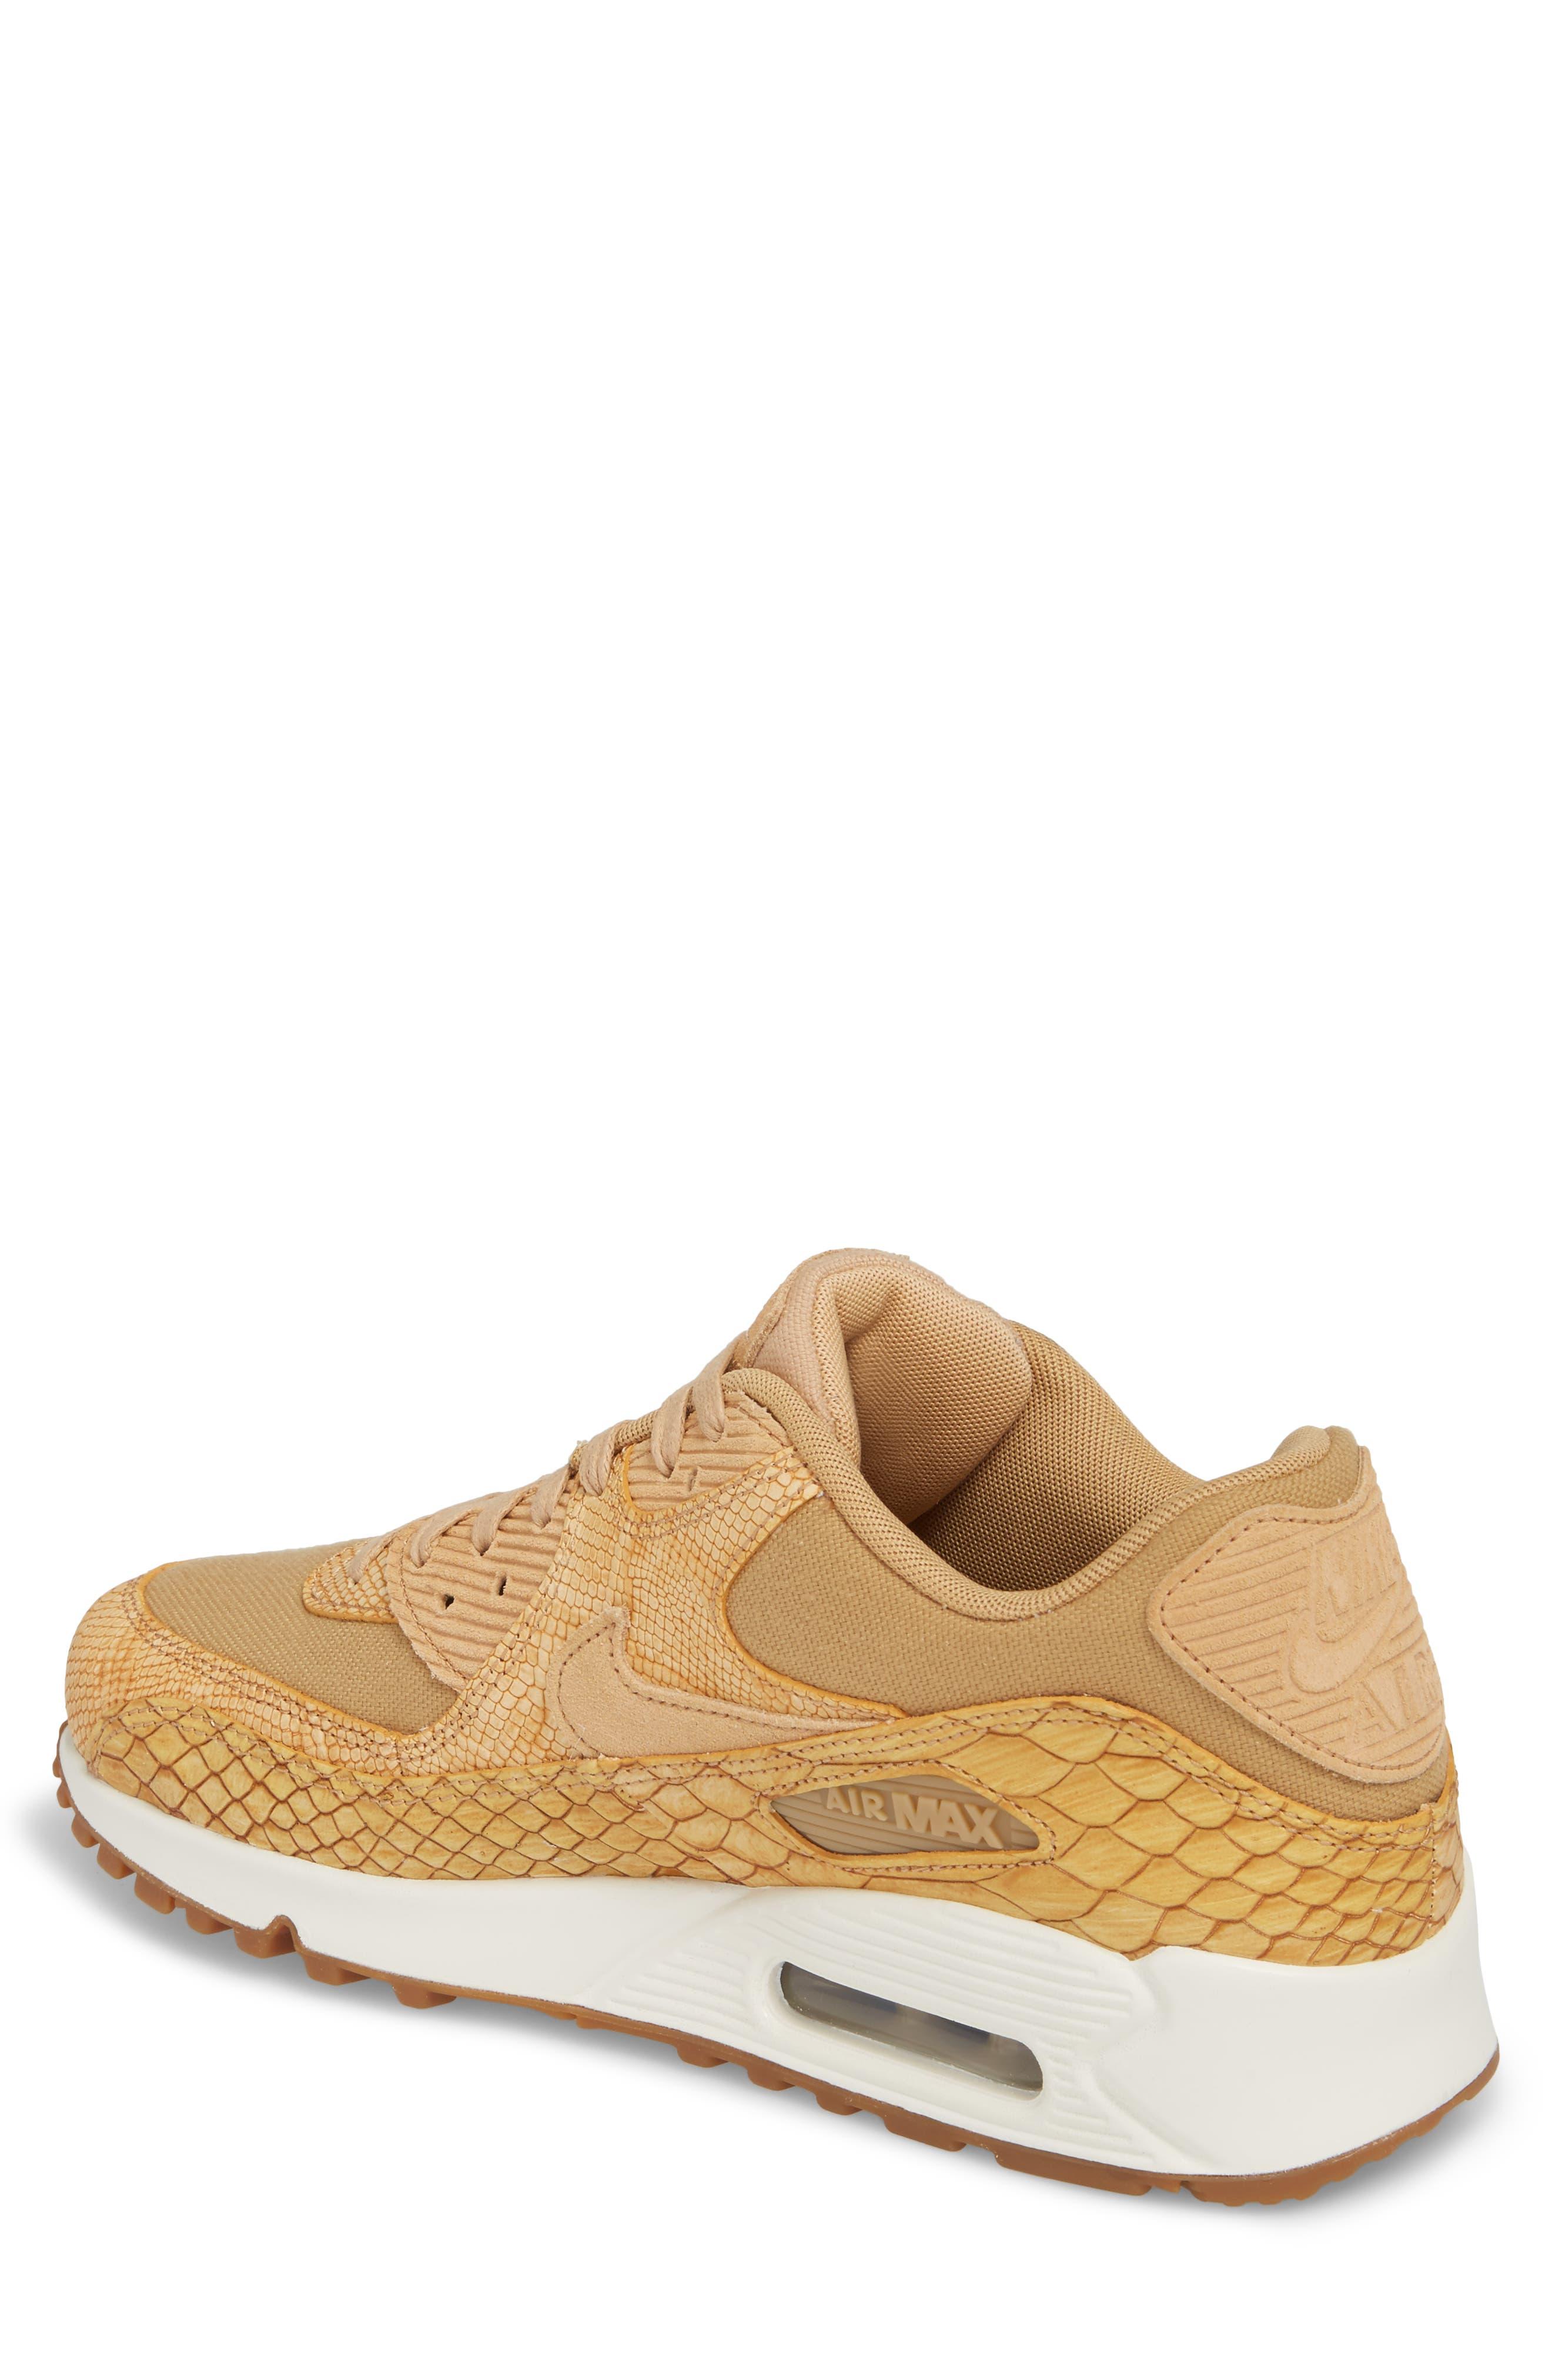 Air Max 90 Premium Sneaker,                             Alternate thumbnail 2, color,                             Tan/ Tan/ Elemental Gold